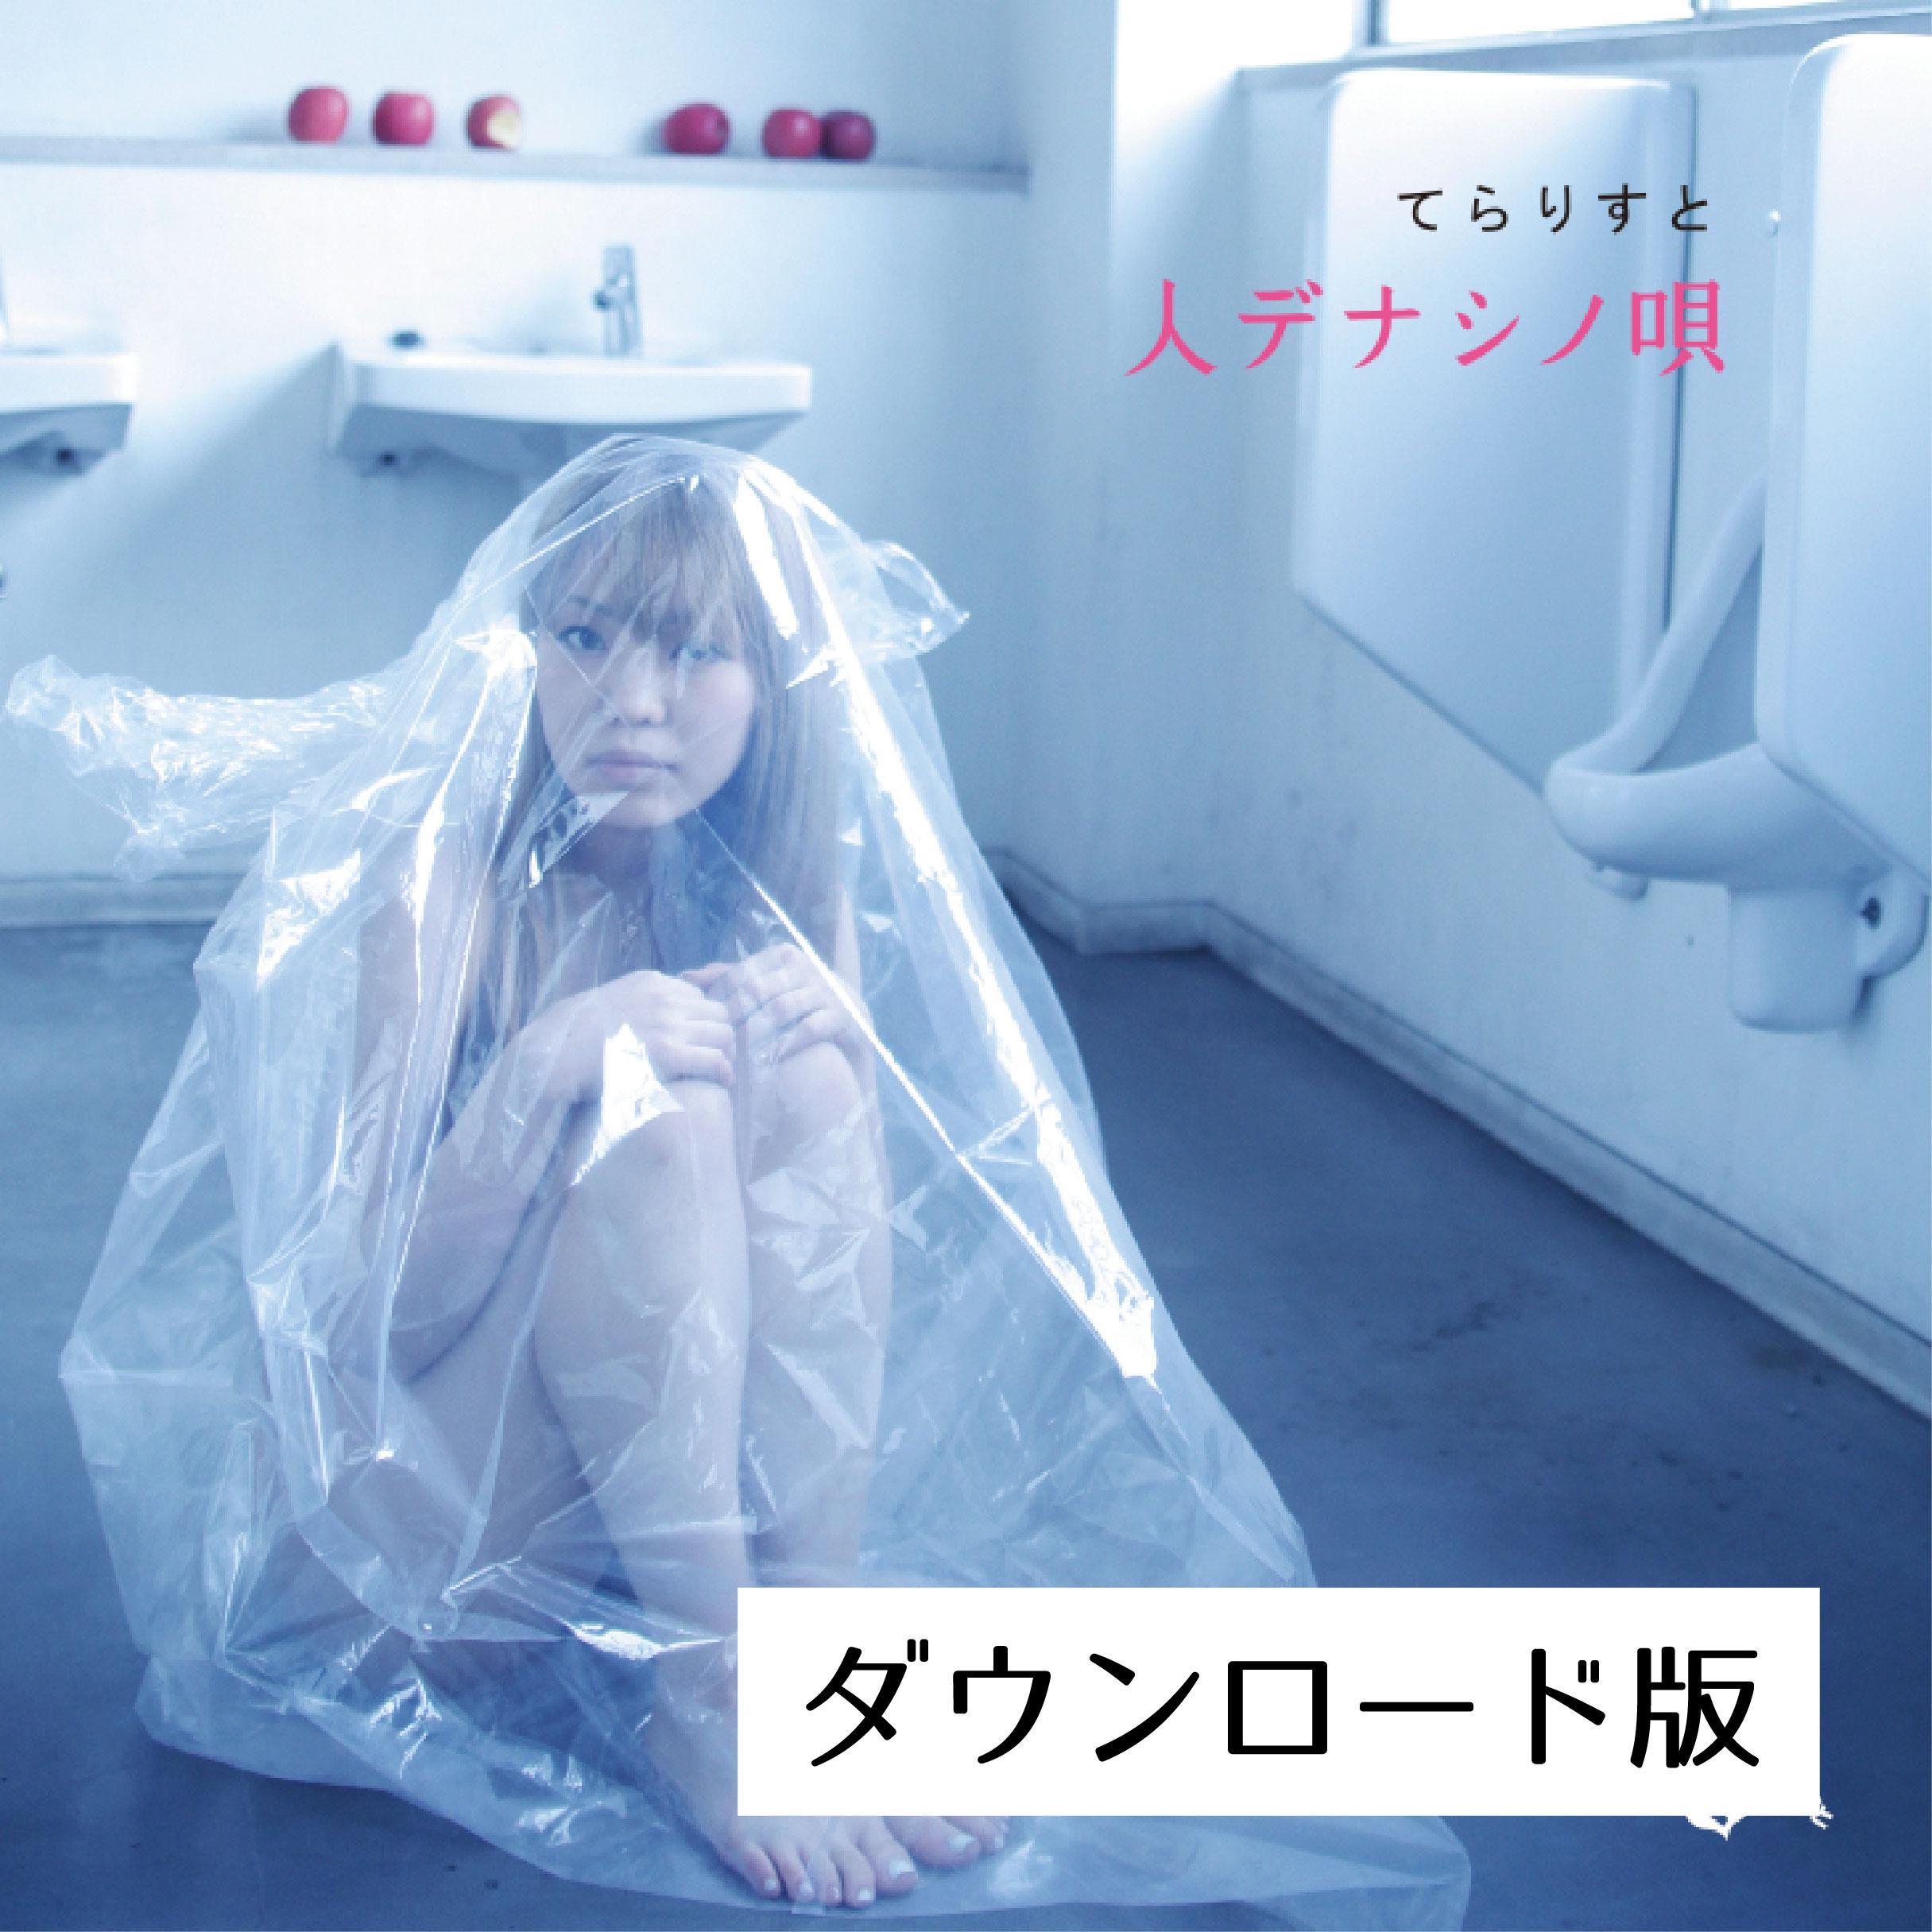 てらりすと 2nd Album 『人デナシノ唄』(DL版) - 画像1